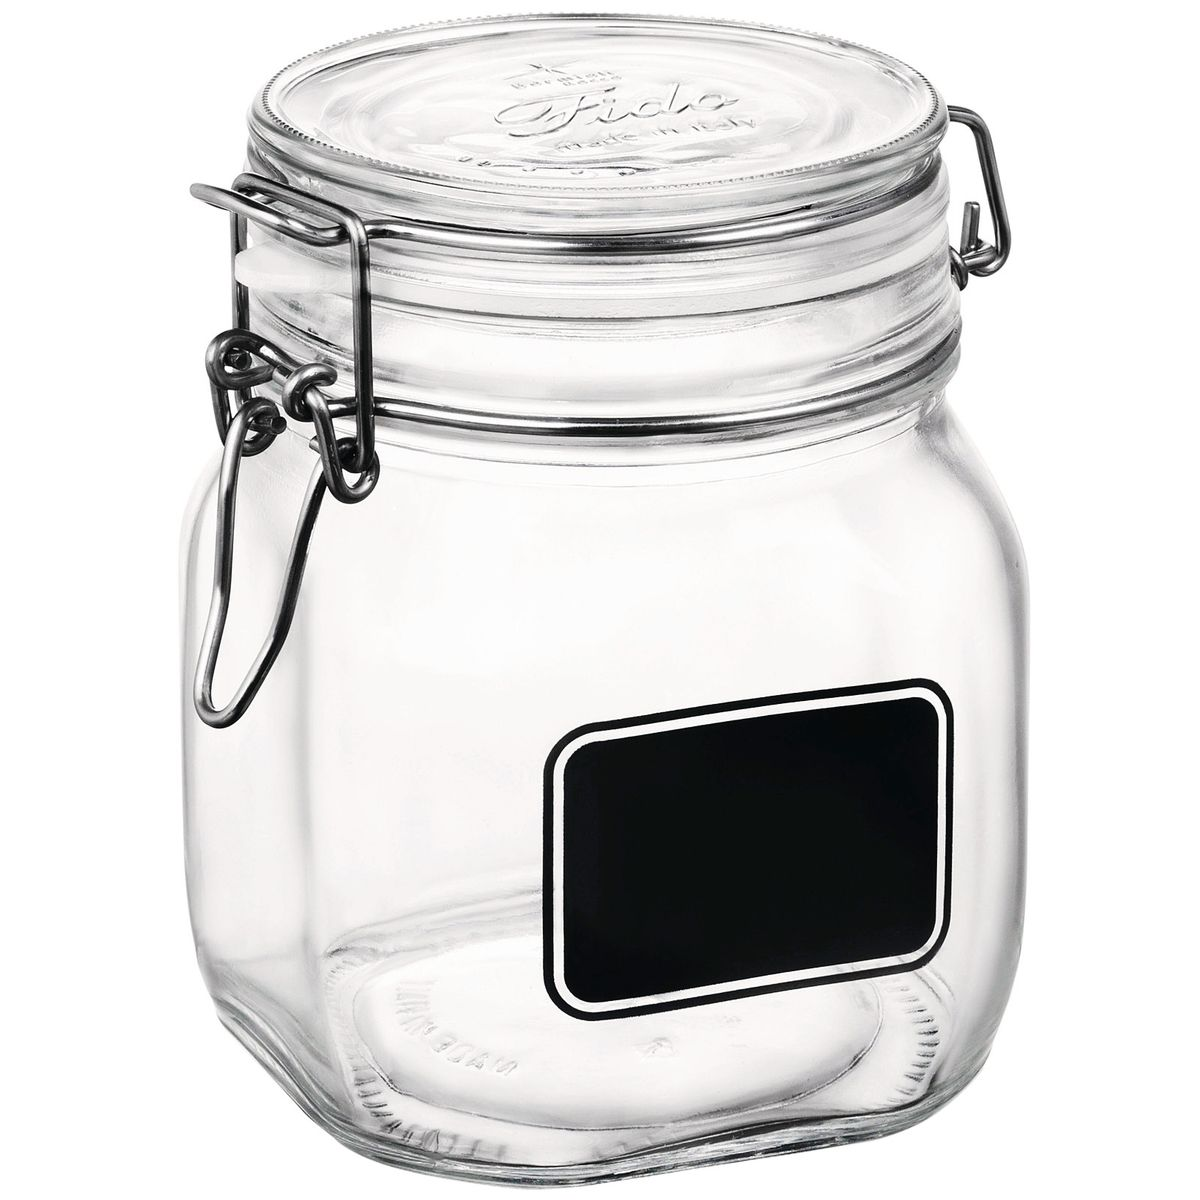 Bocal de conservation en verre avec etiquette 75 cl - Bormioli